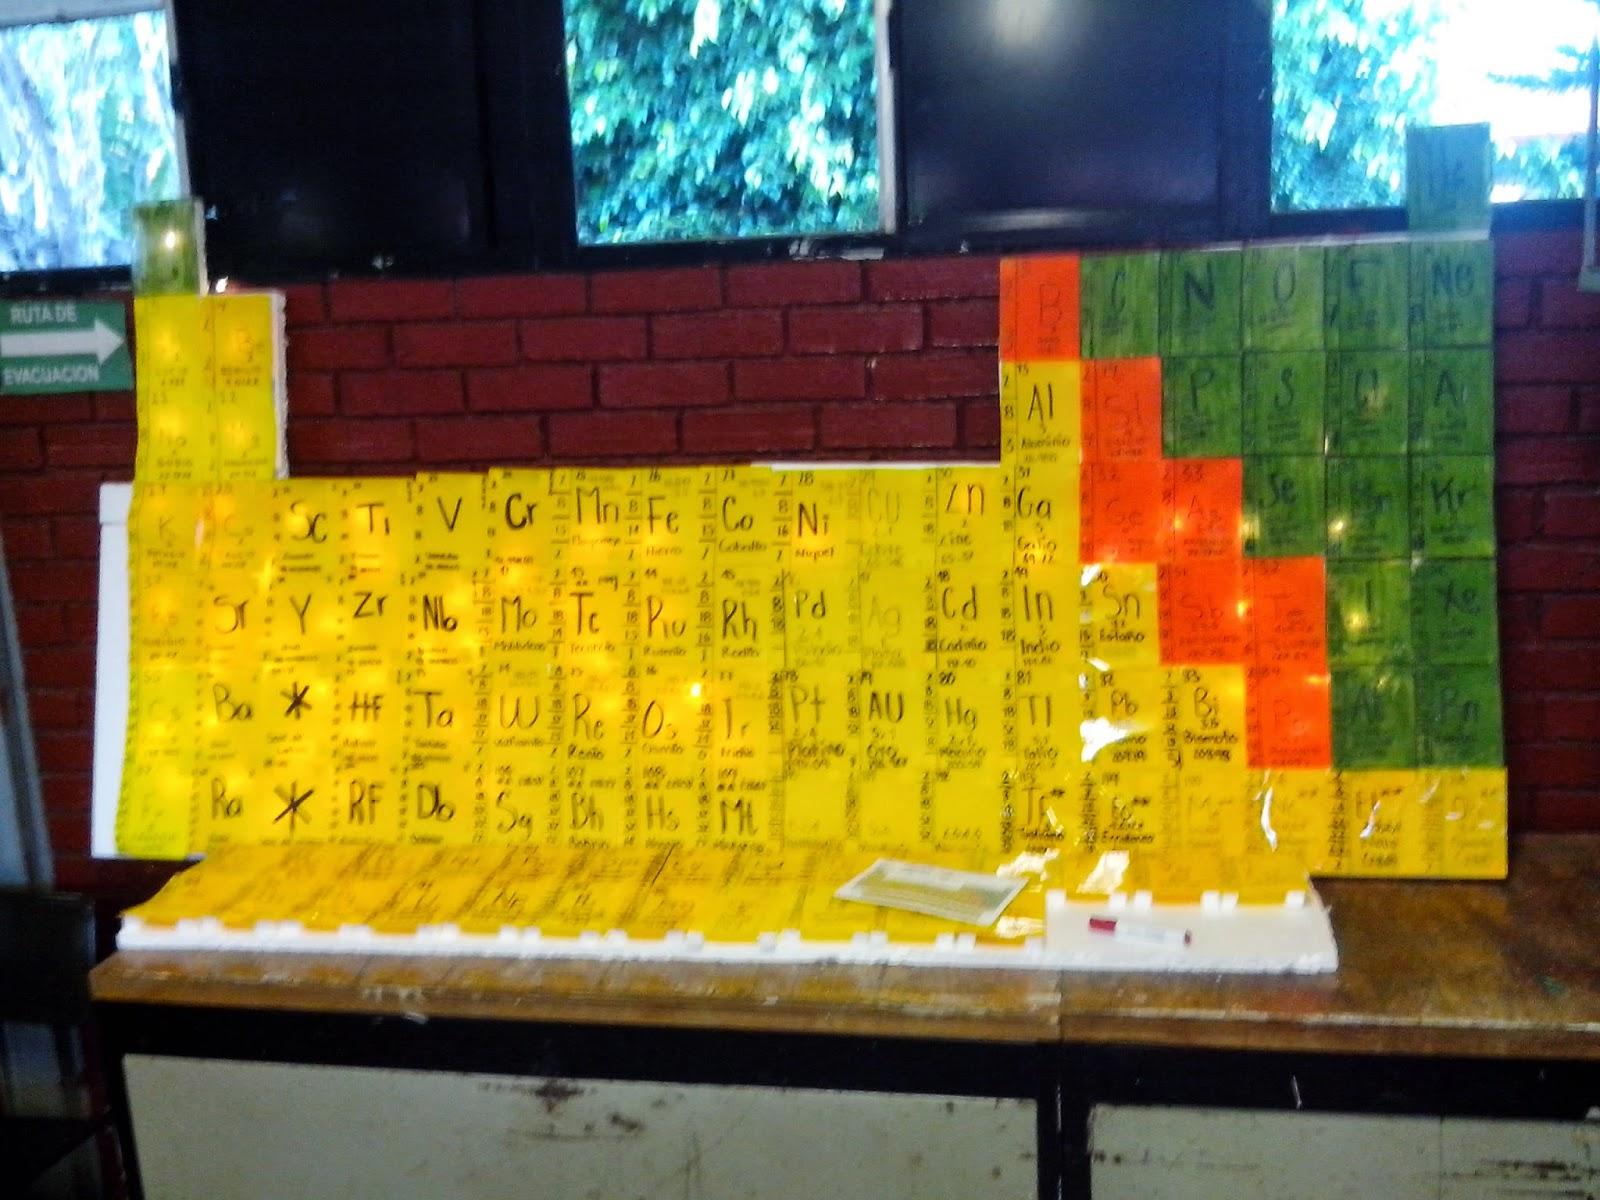 Cbtis 171 mariano abasolo octubre 2014 tabla periodica de los elementos actualmente son 118 elementos los cuales se dividen en metales no metales y metaloides urtaz Gallery